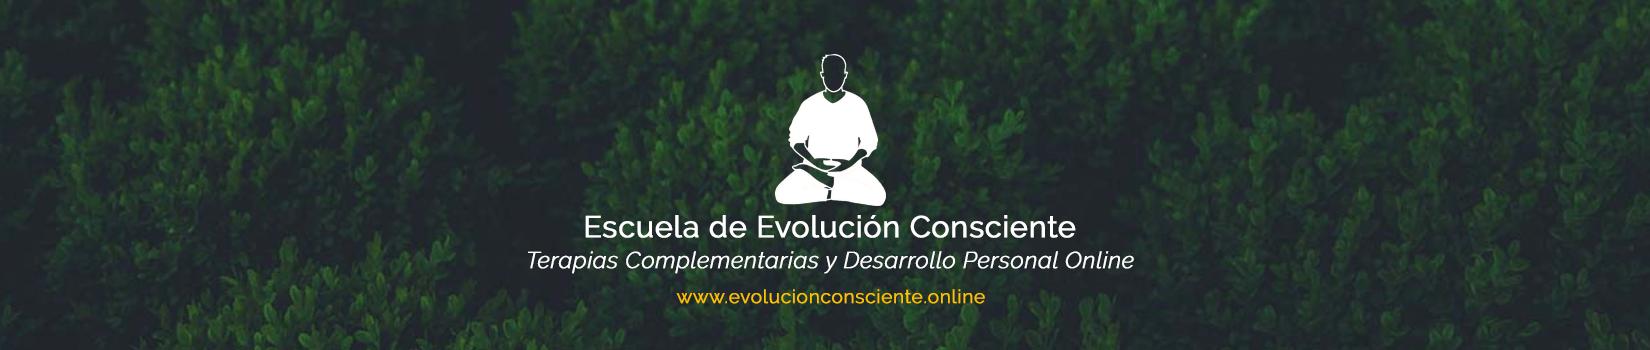 Escuela de Evolución Consciente Online